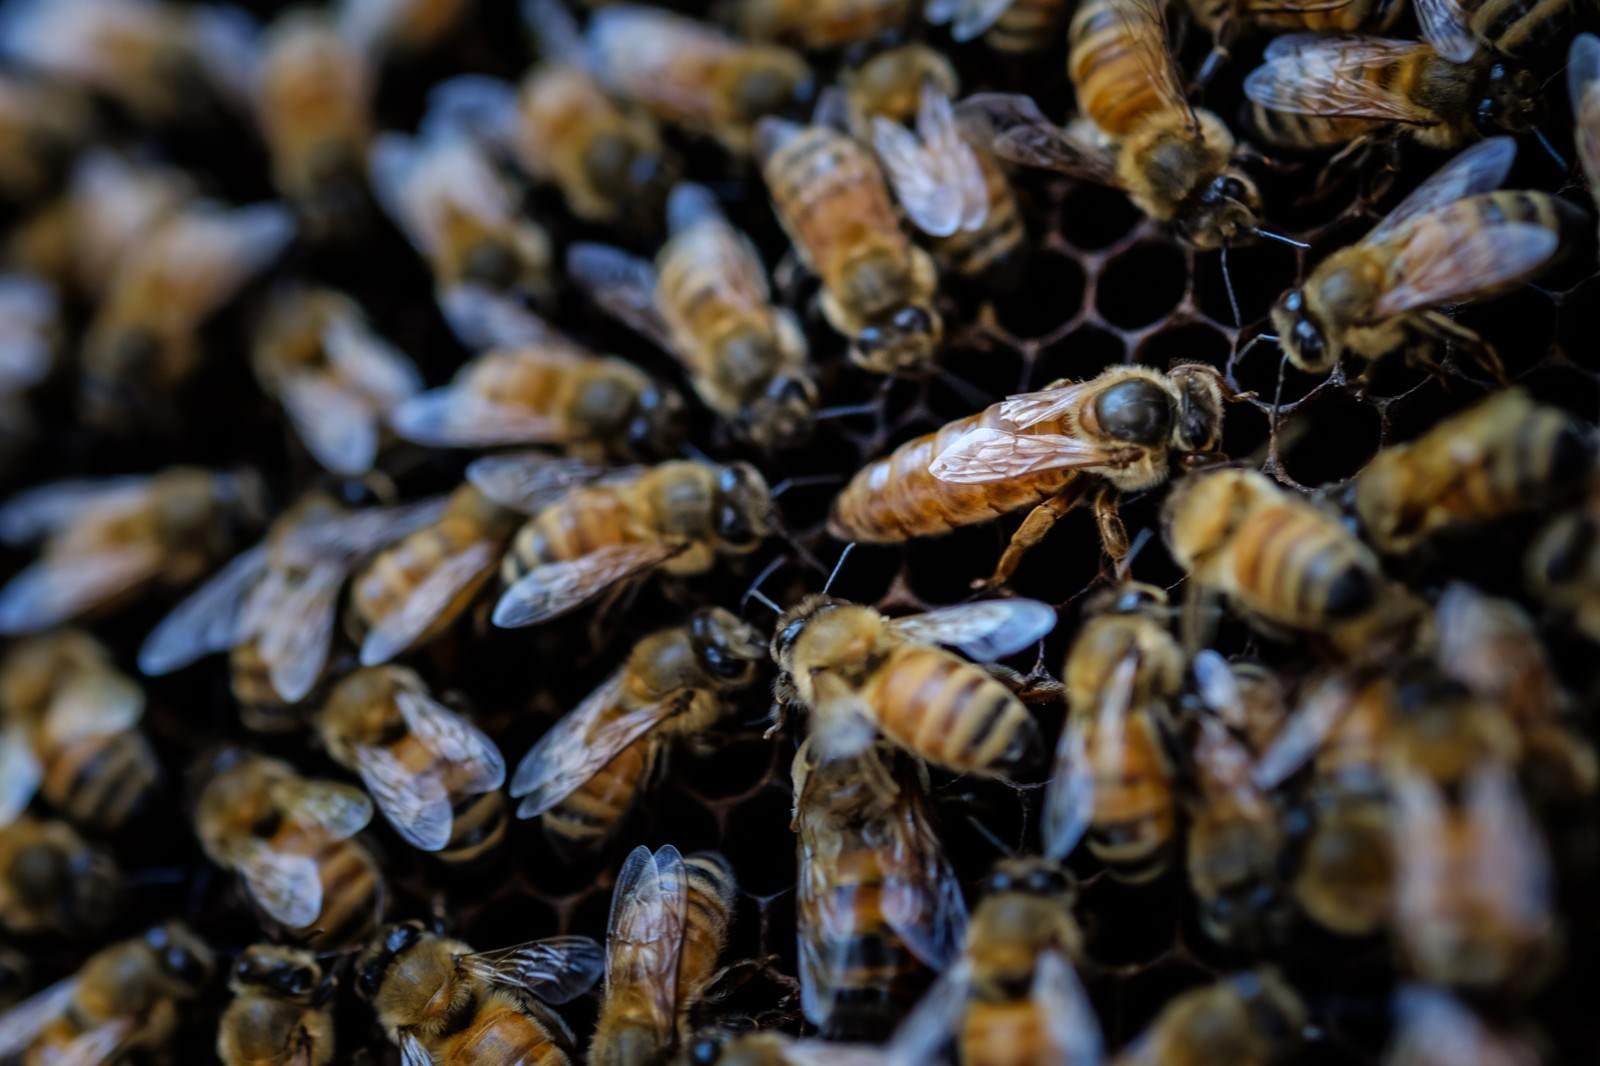 「女王蜂に群がる働き蜂(ロイヤルコート)女王蜂に群がる働き蜂(ロイヤルコート)」のフリー写真素材を拡大